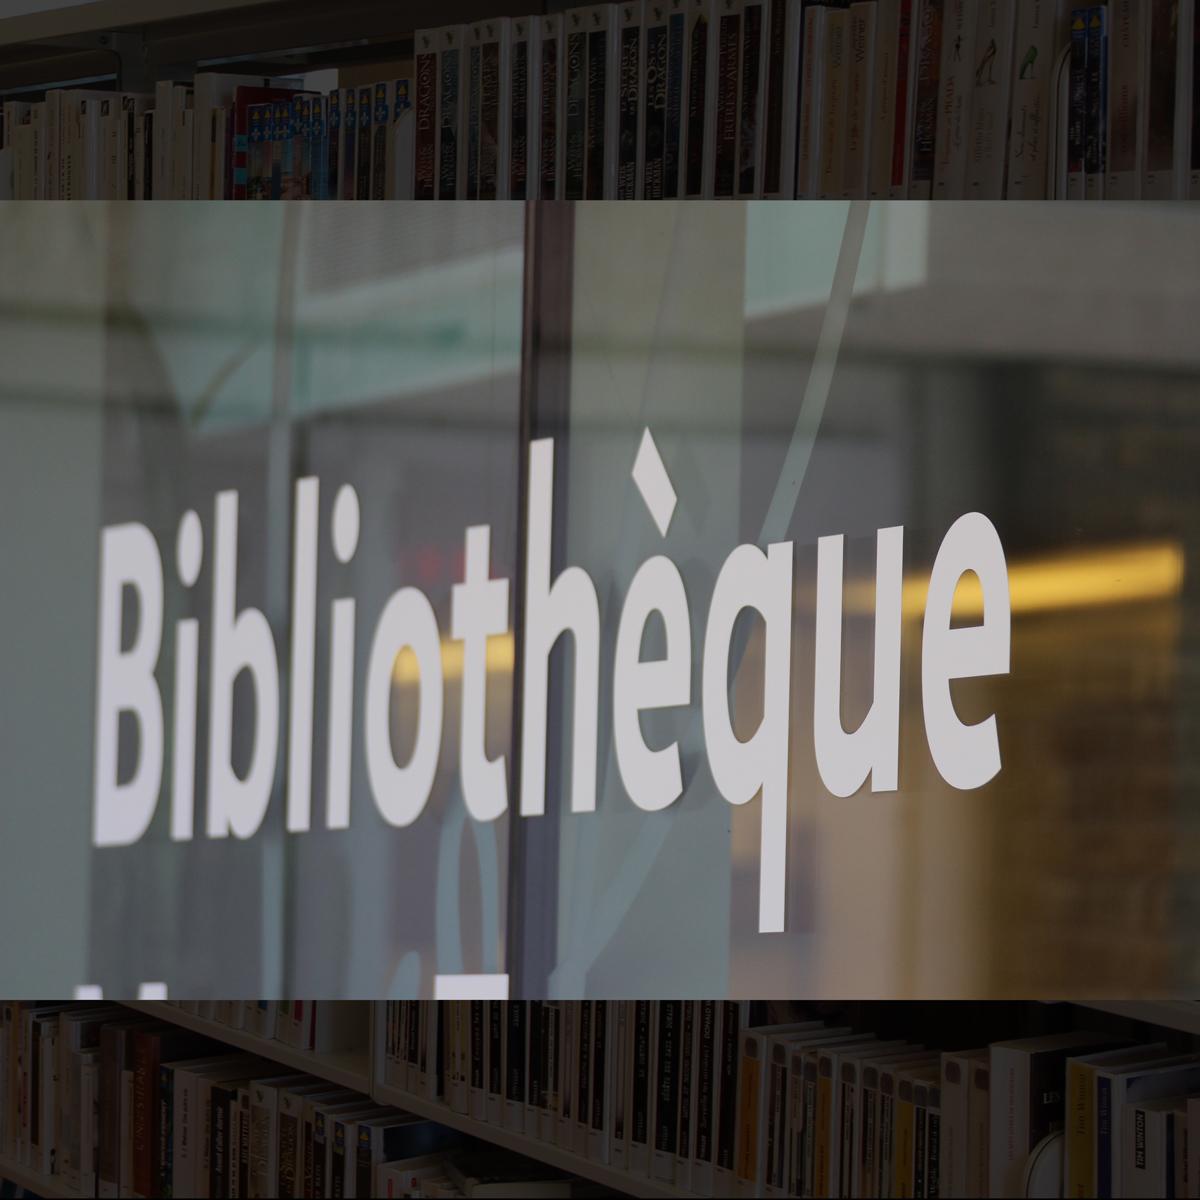 bibliotheque-bk2